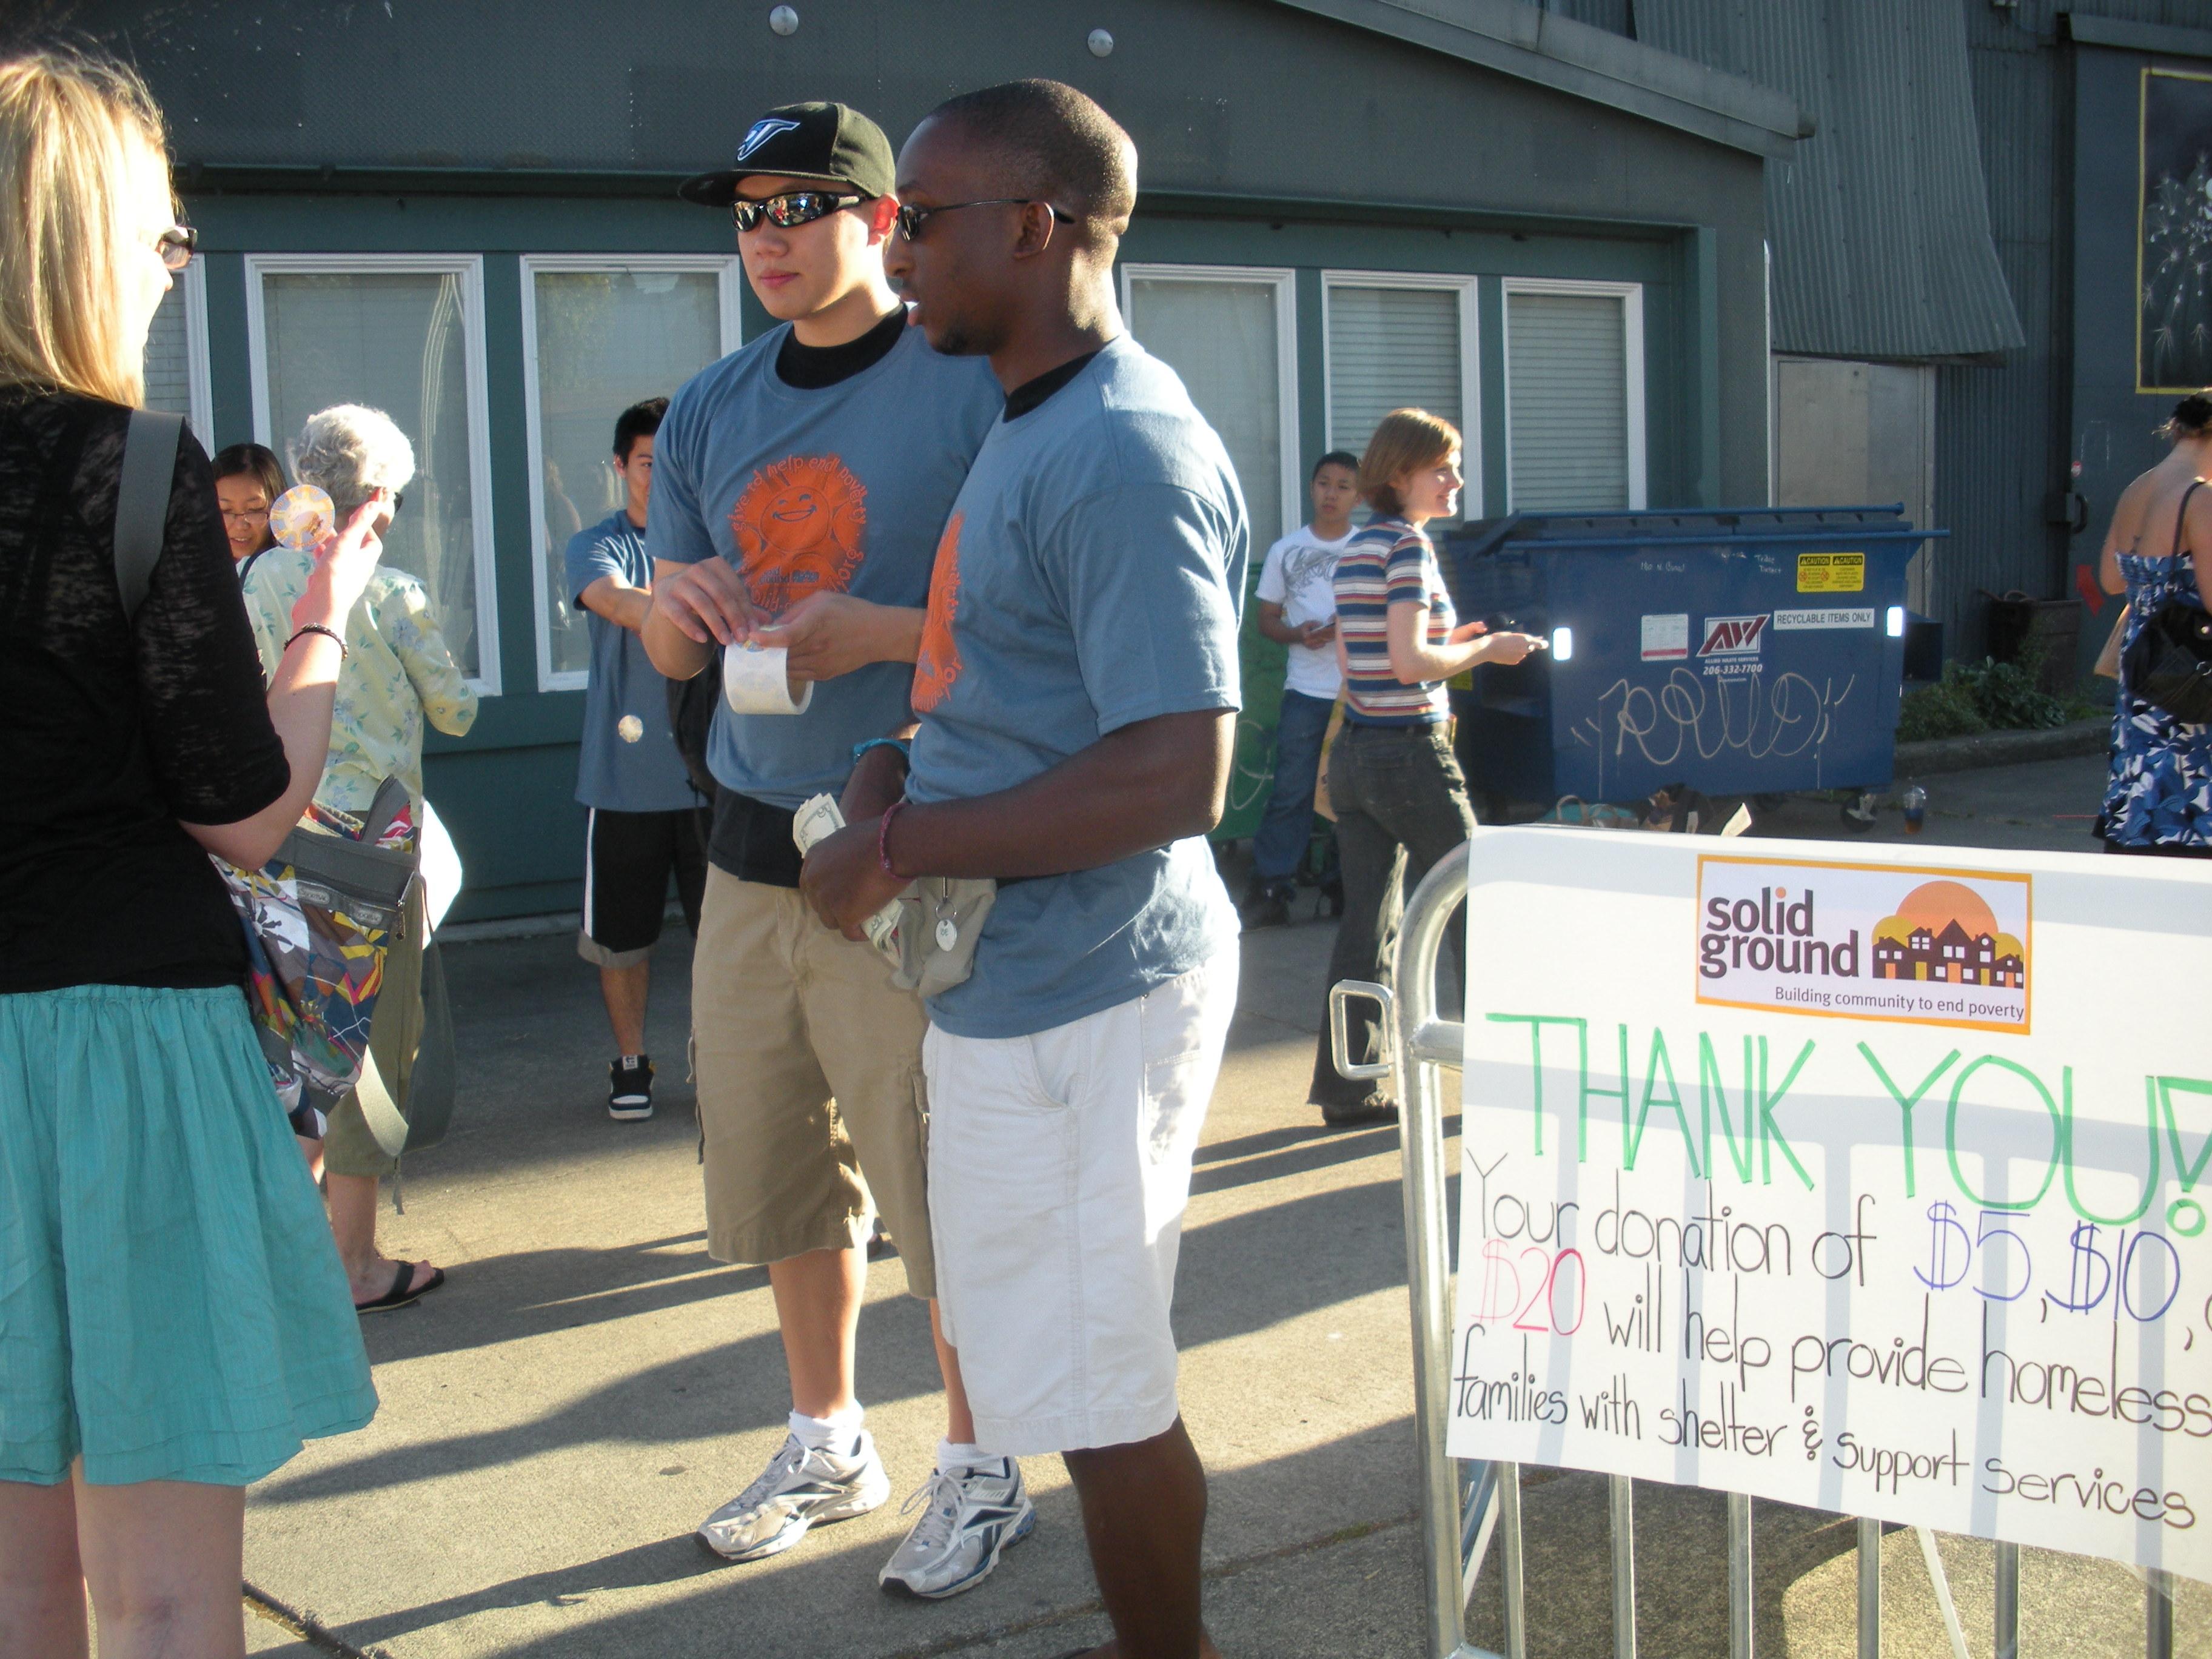 Solid Ground volunteers: greet folks at Ghostbusters